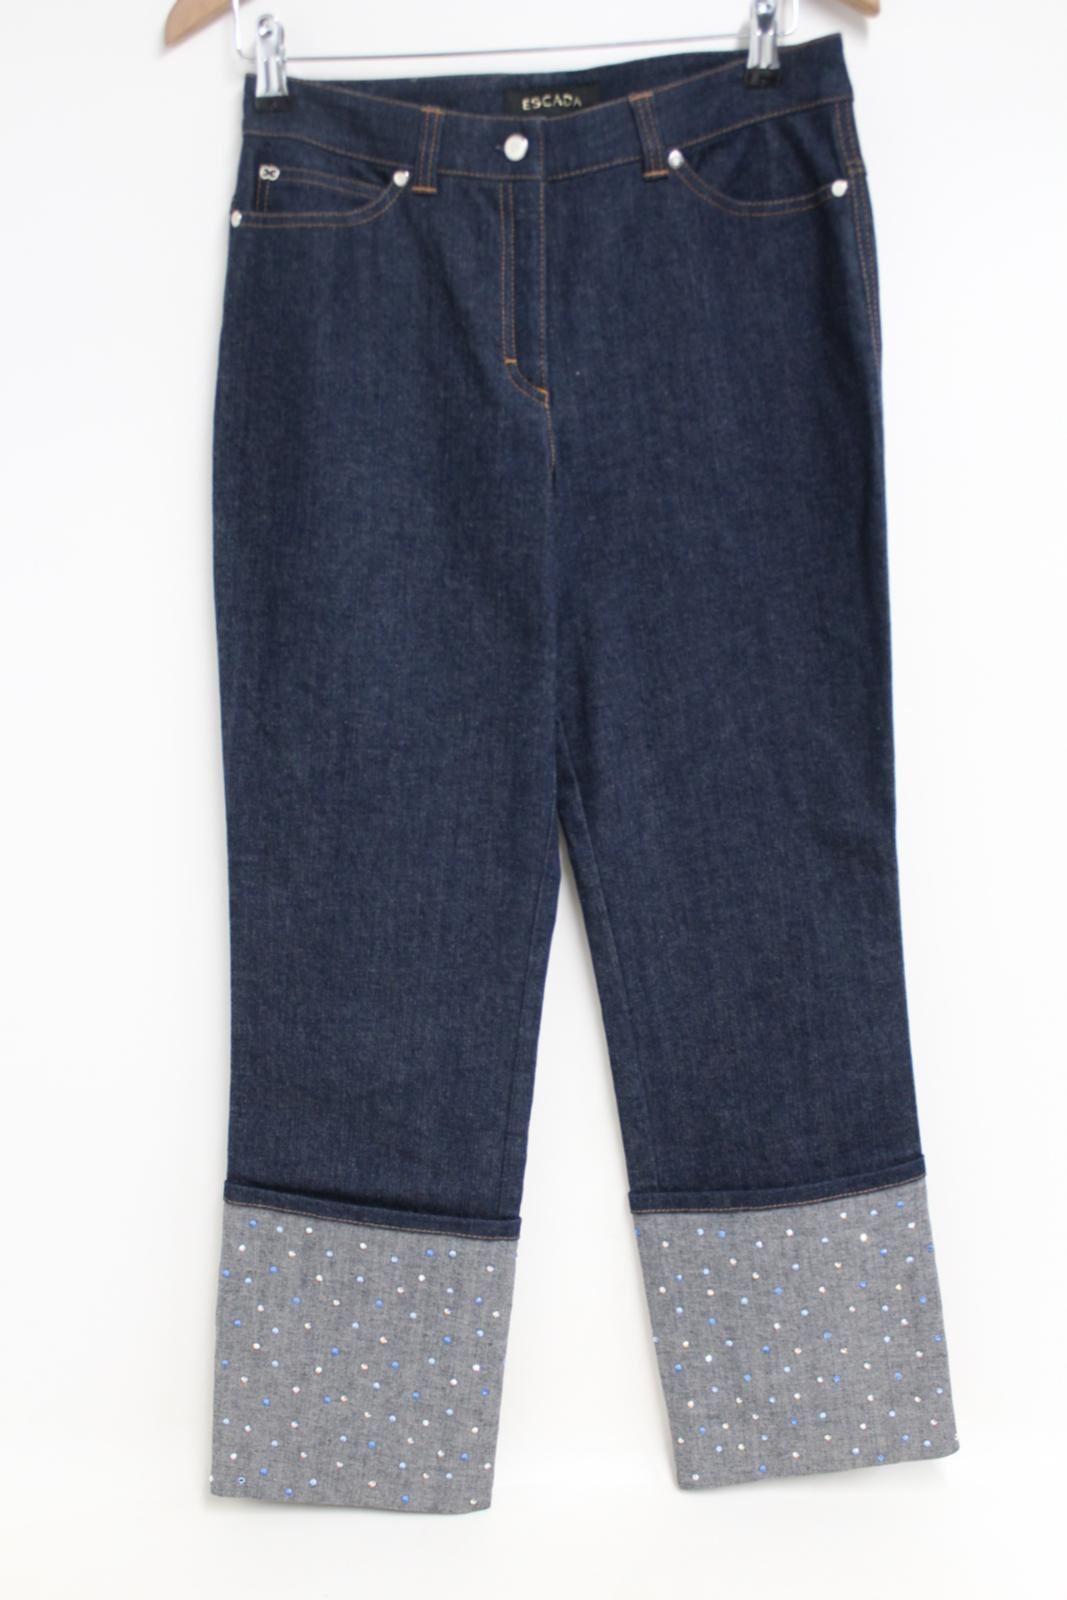 100% Vero Escada Donna Blu Stretch Gamba Dritta Cristallo Incastonati Jeans Eu38 W30 L28- Il Consumo Regolare Di Tè Migliora La Salute